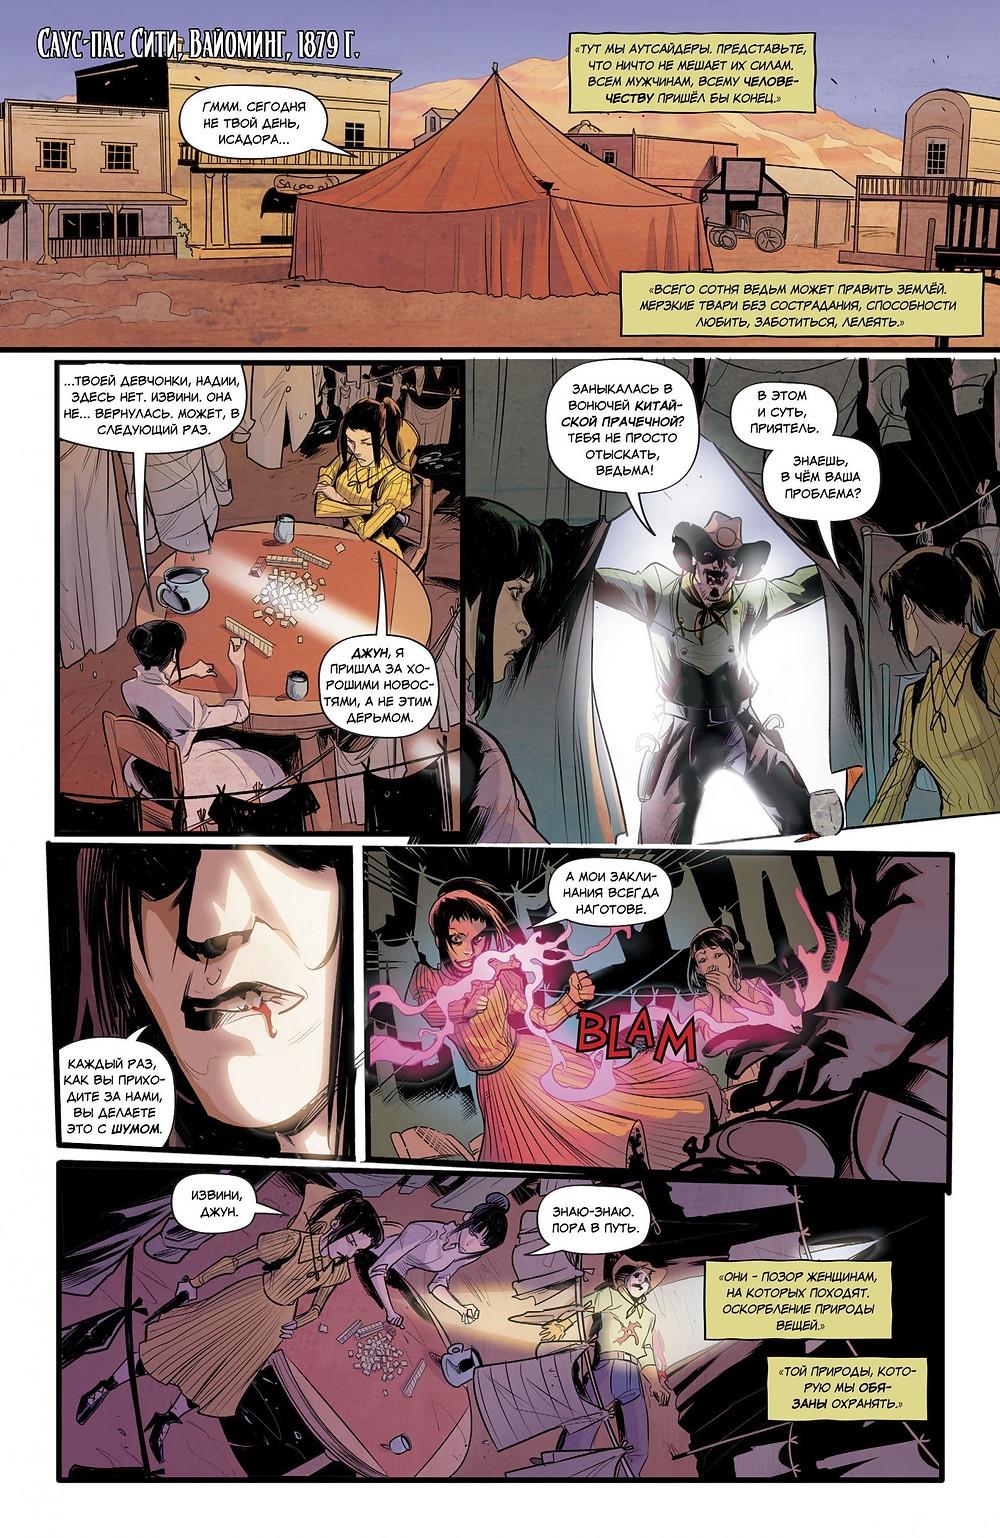 """Фантастический комикс о семейных отношениях """"Моя жена ведьма"""" Hex Wives. Страница 7"""